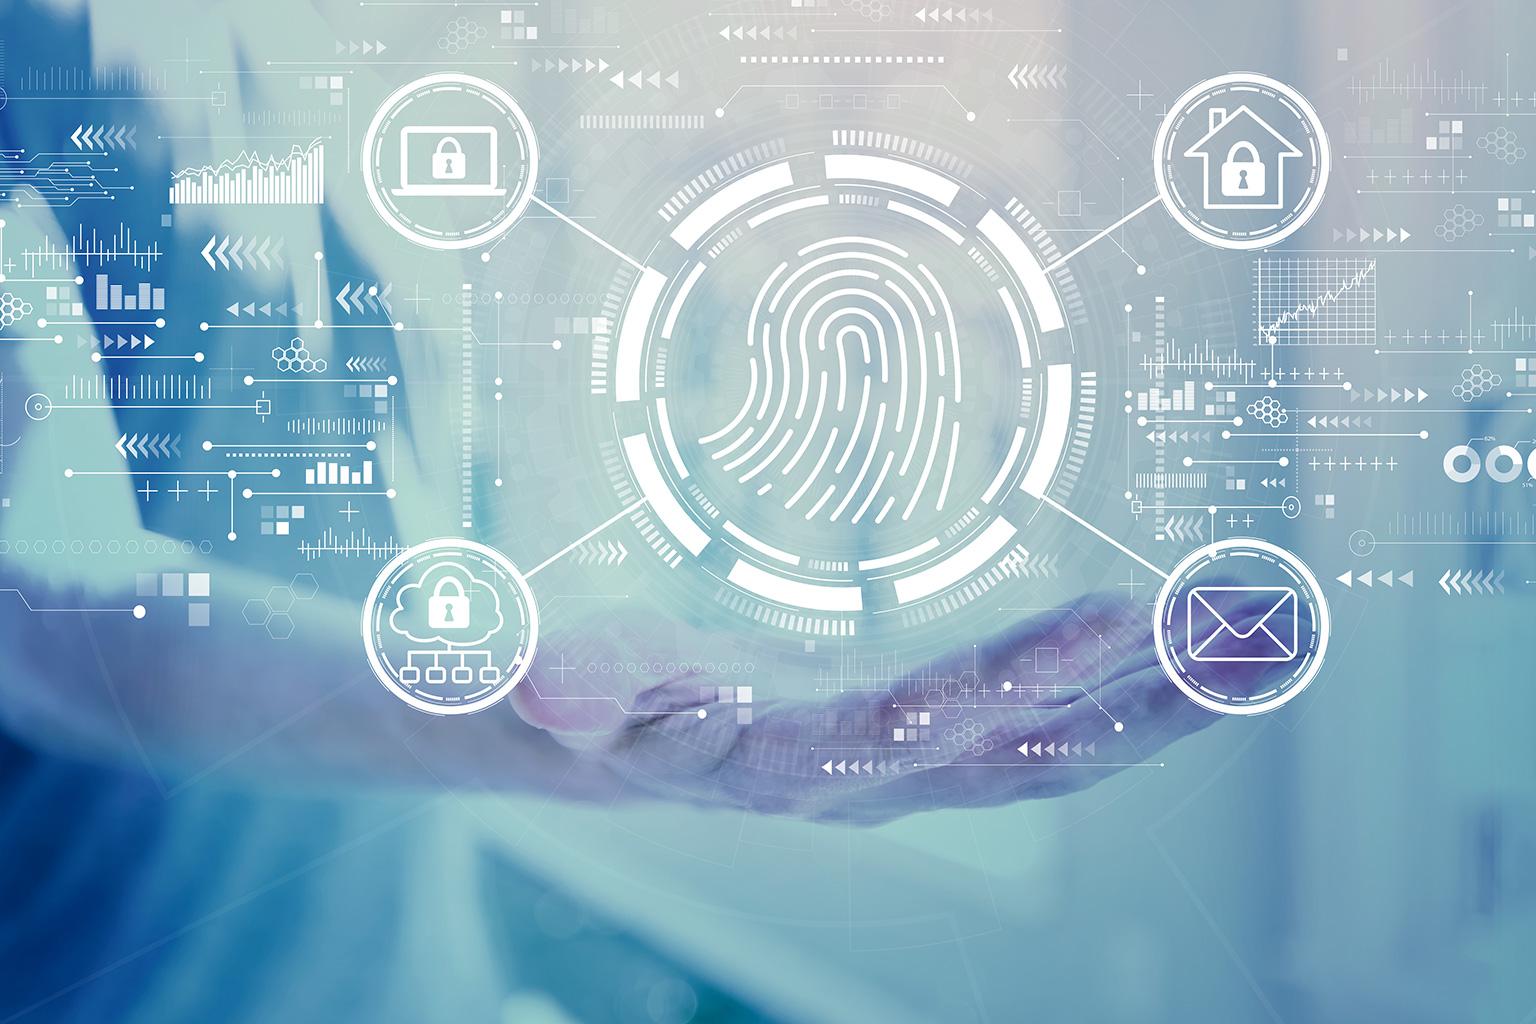 identità digitale: come accedere ai servizi online della pubblica  amministrazione tramite spid, cie, cns  regione lombardia